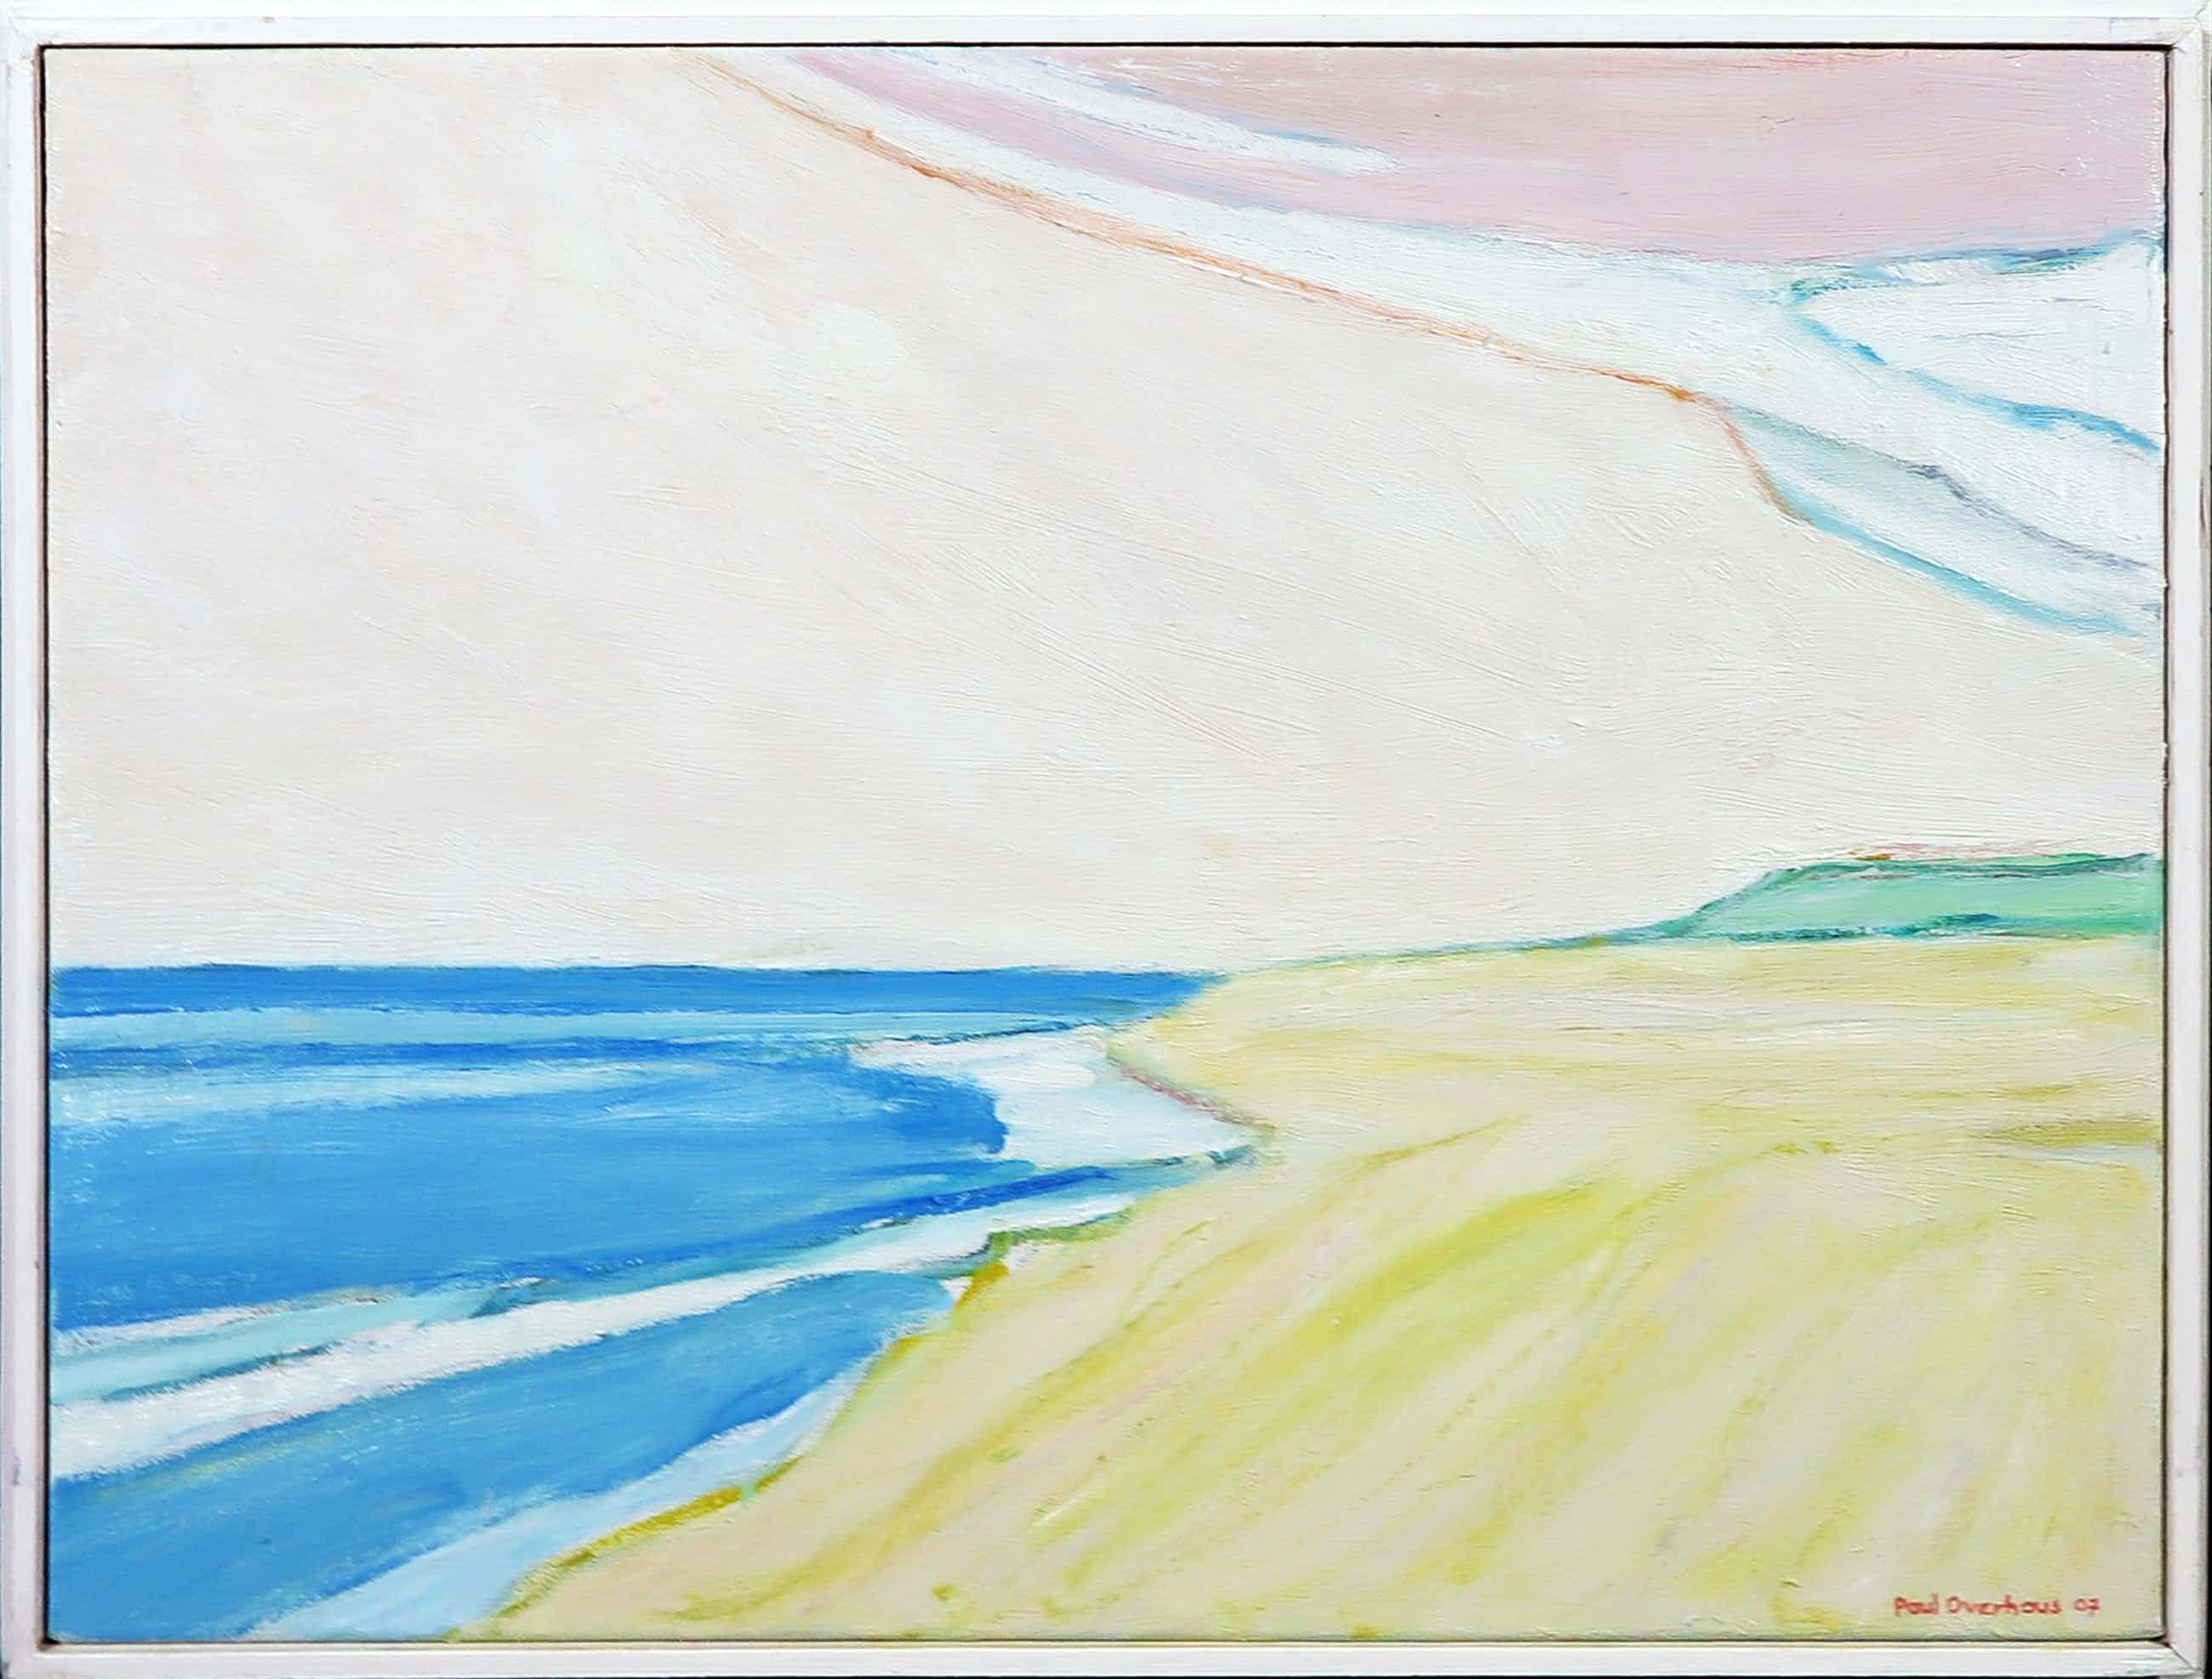 Paul Overhaus - Acryl op doek, Strandgezicht - Ingelijst kopen? Bied vanaf 150!